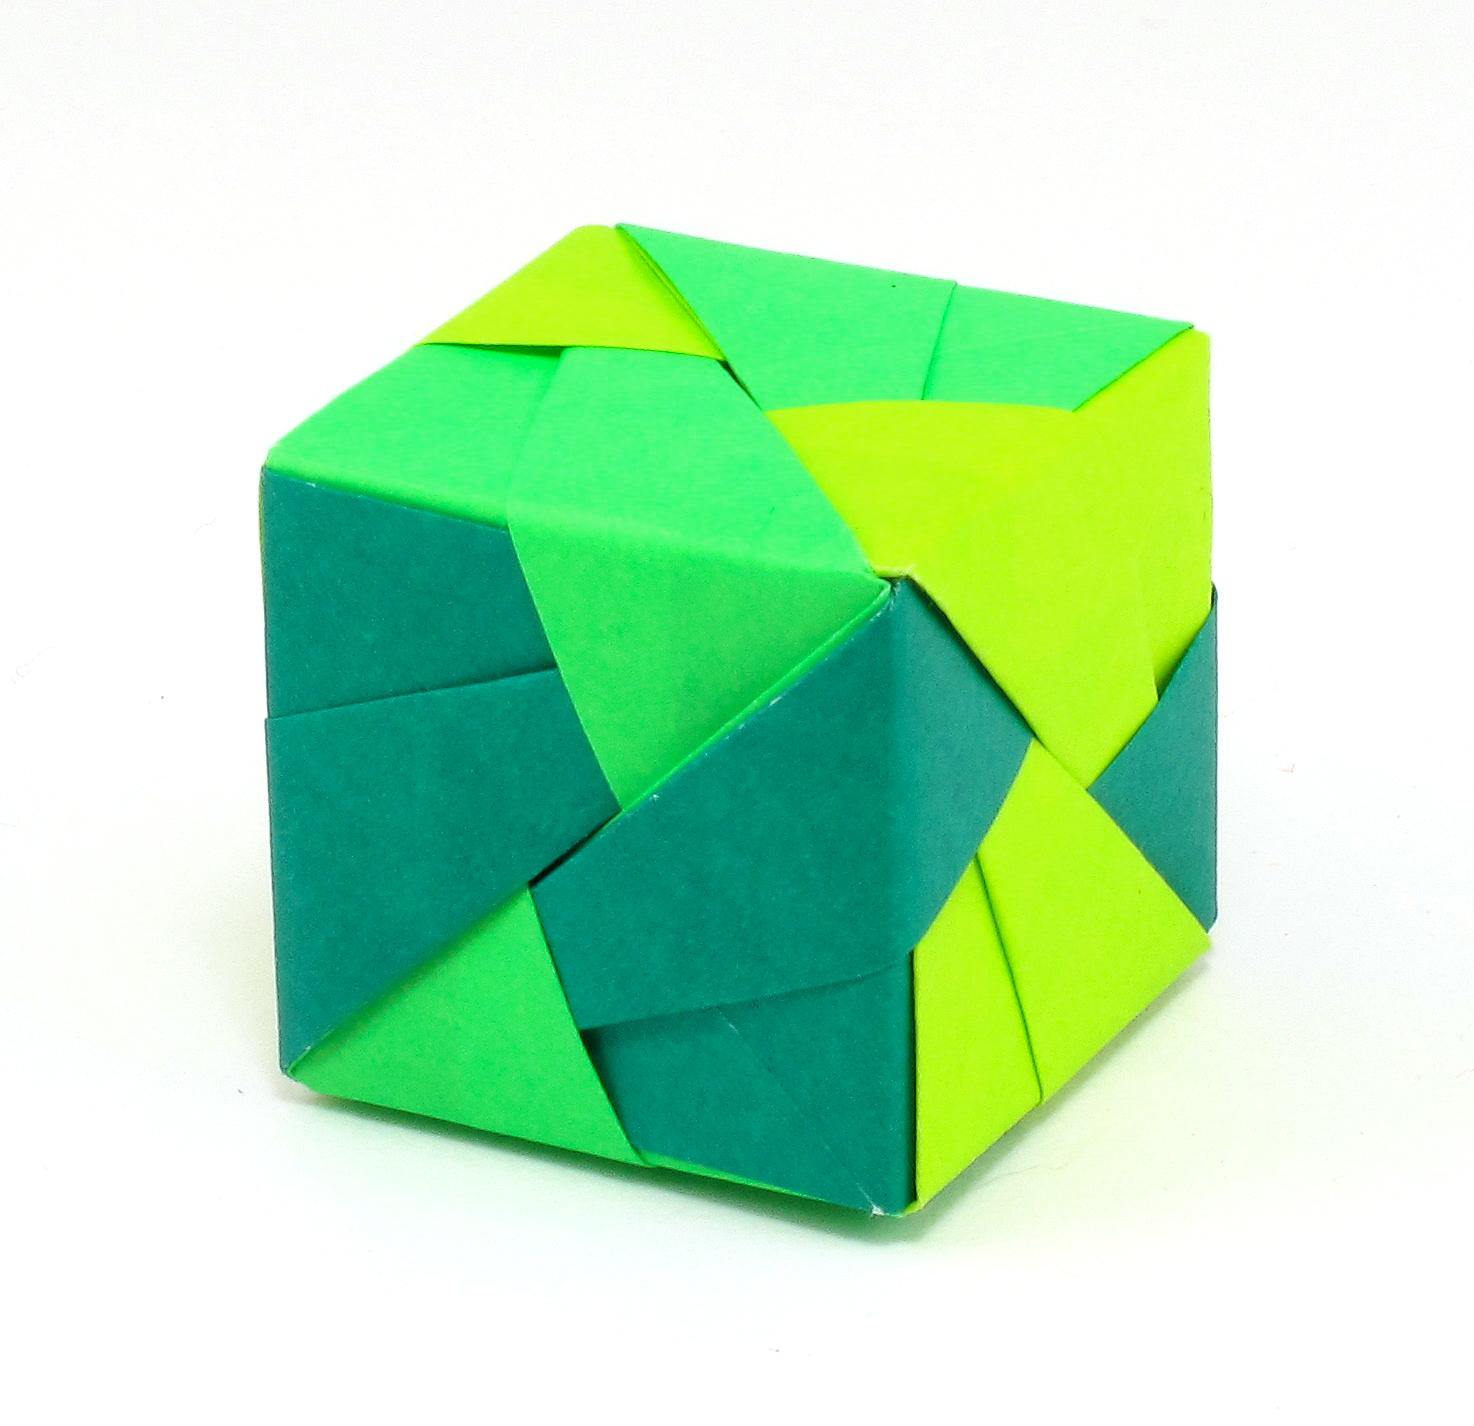 bead origami origami interlude sonobe unit origami